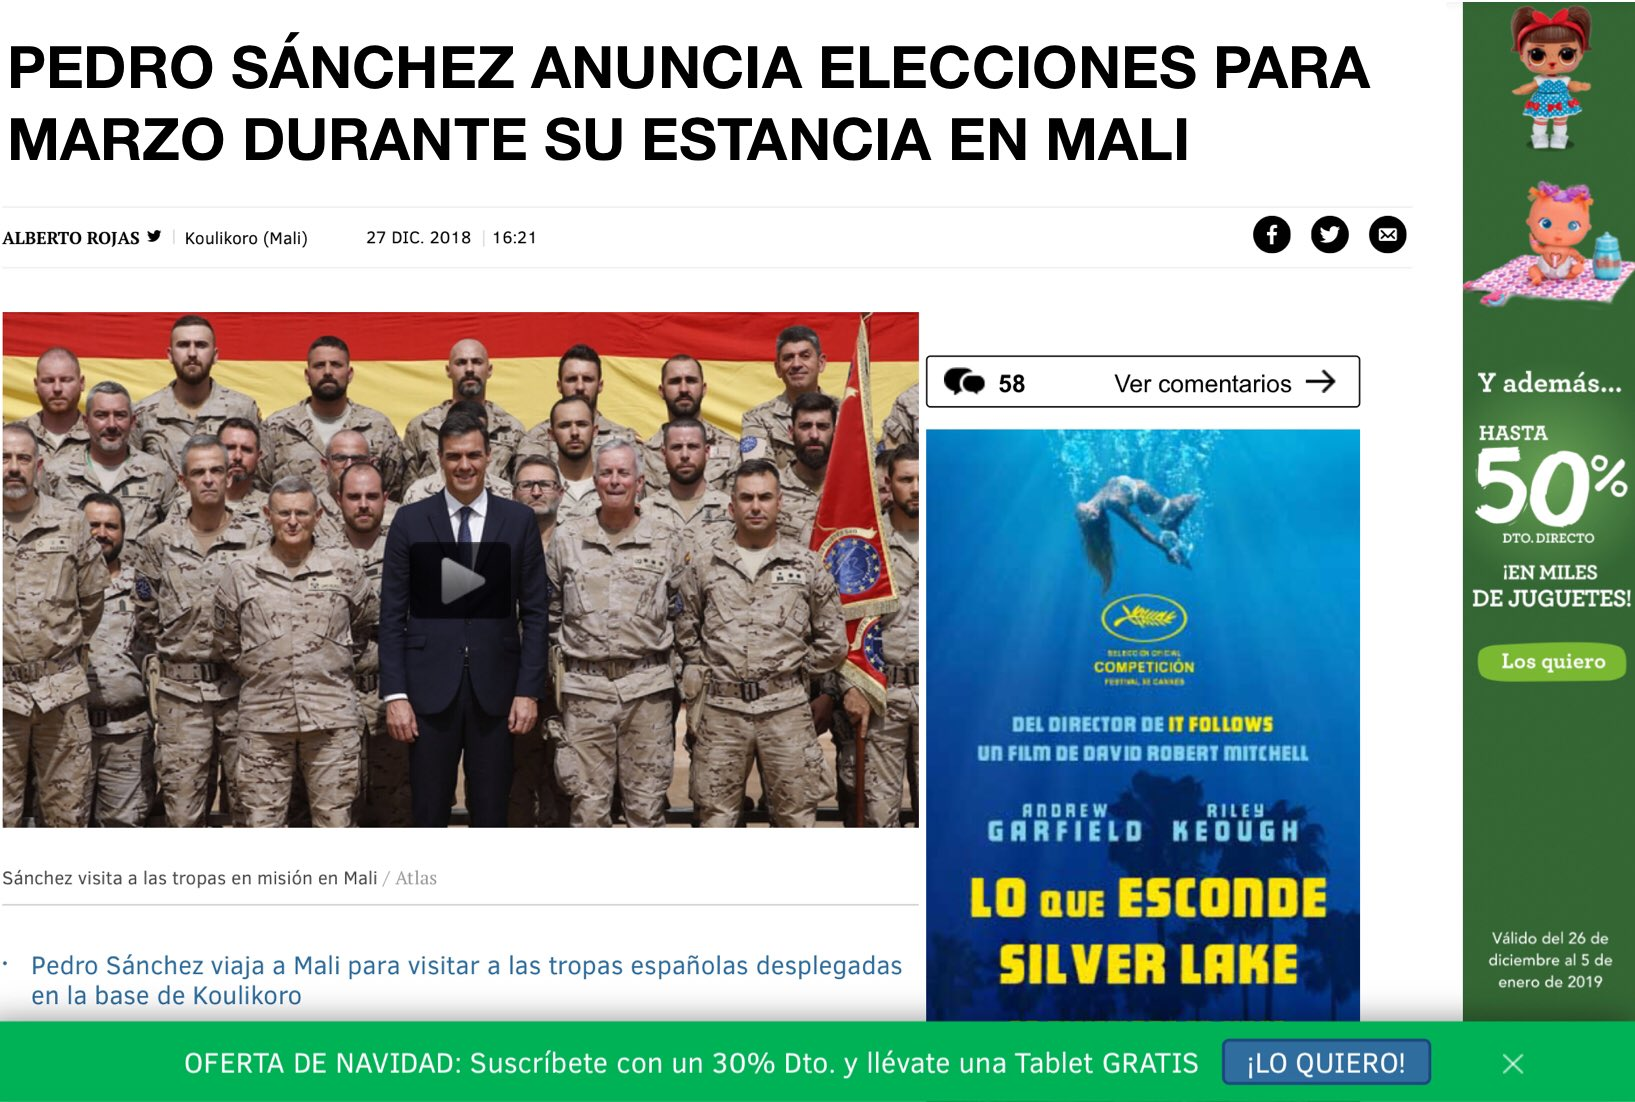 Elecciones en Andalucía - Página 5 Dve4YEAWsAUMq9s